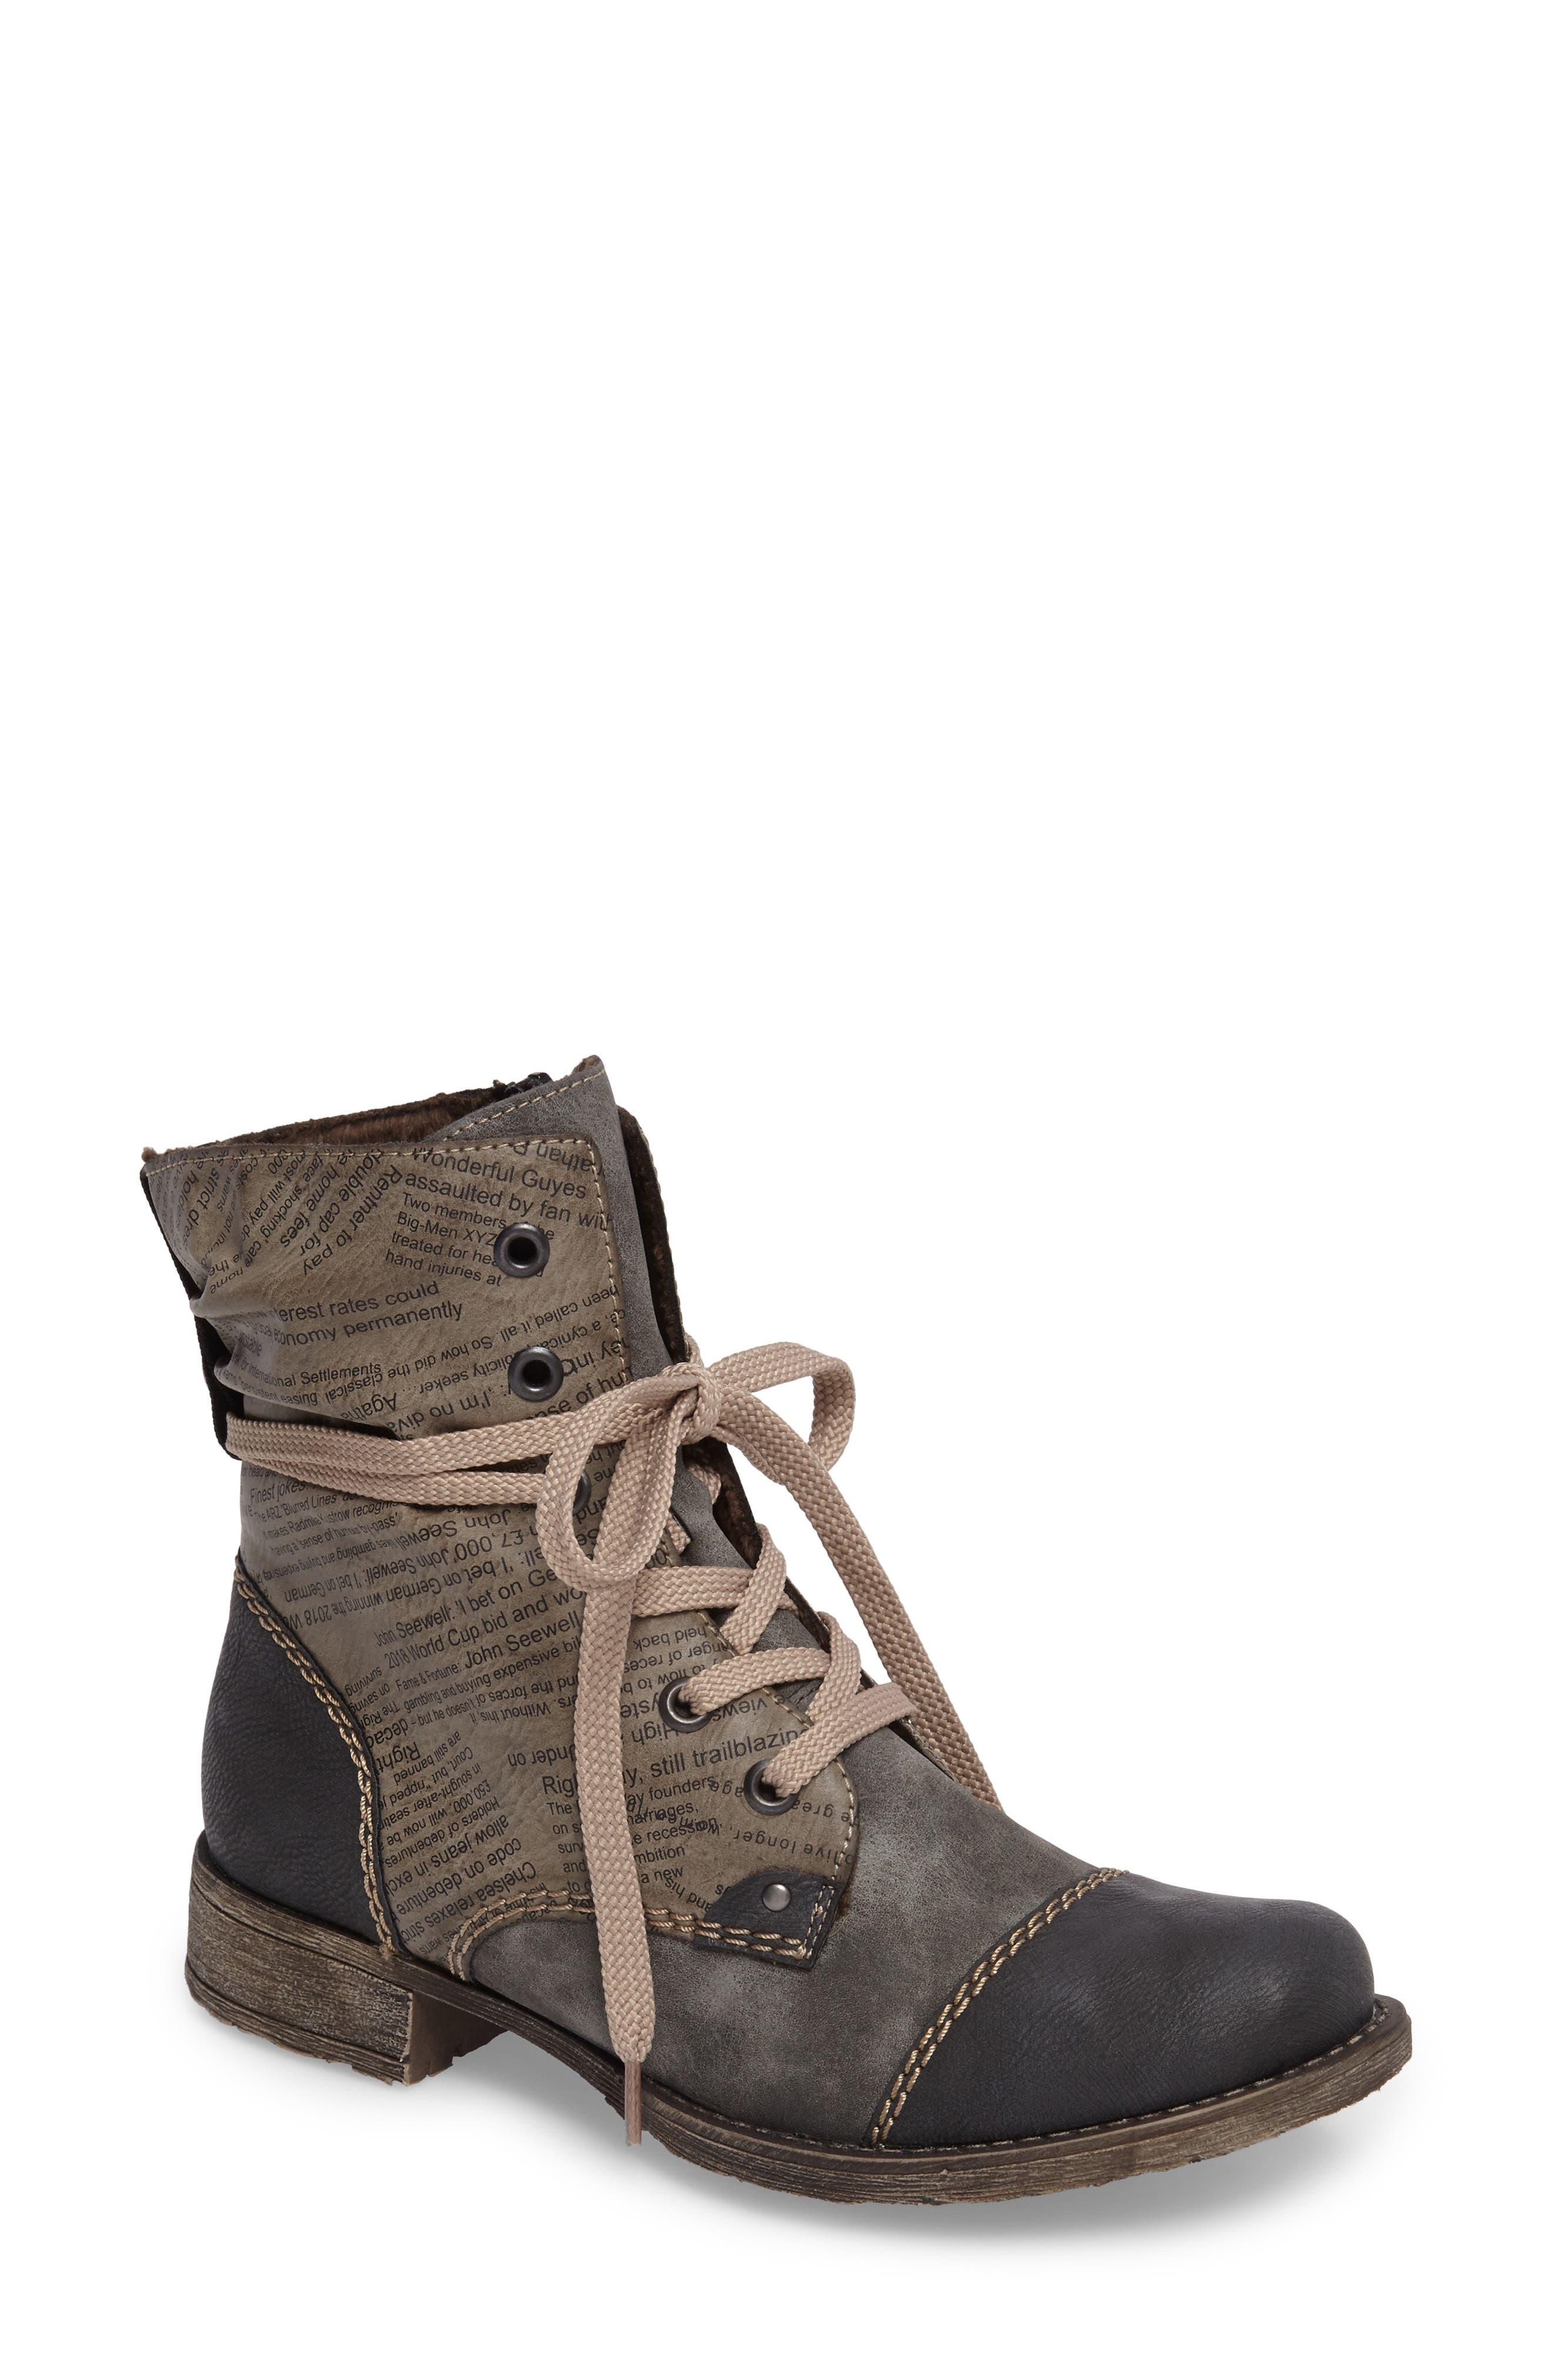 Rieker Antistress Payton 22 Lace-Up Boot (Women)